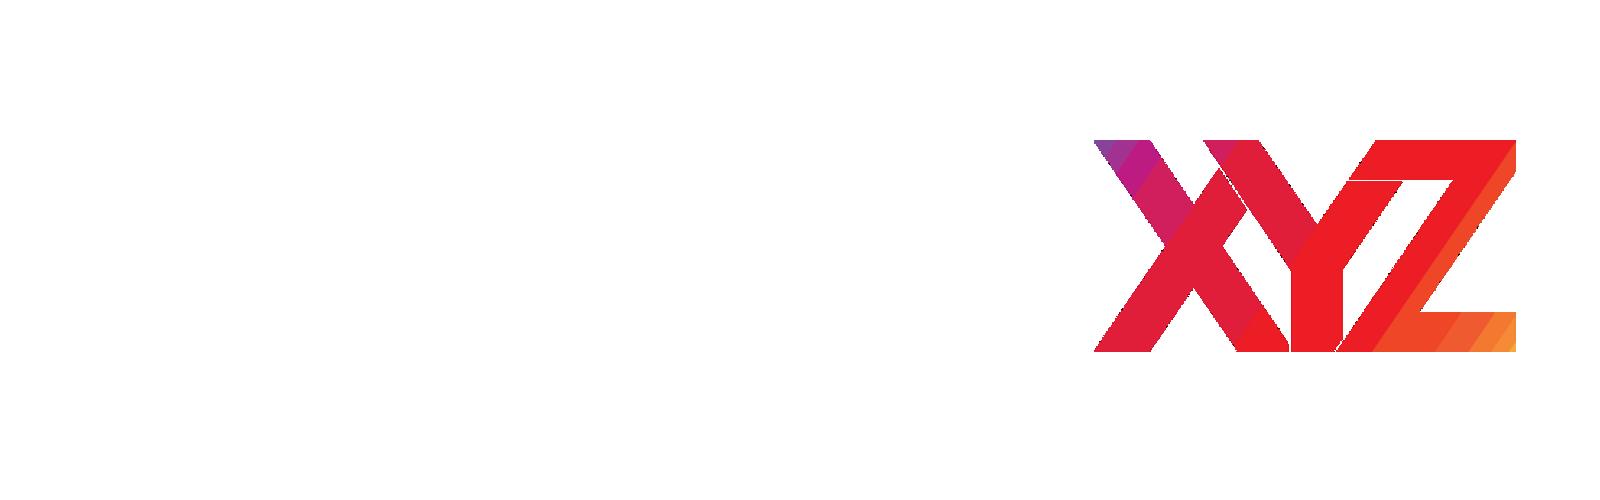 LaptopXYZ – Nâng Cấp, Chăm Sóc Máy Tính Laptop